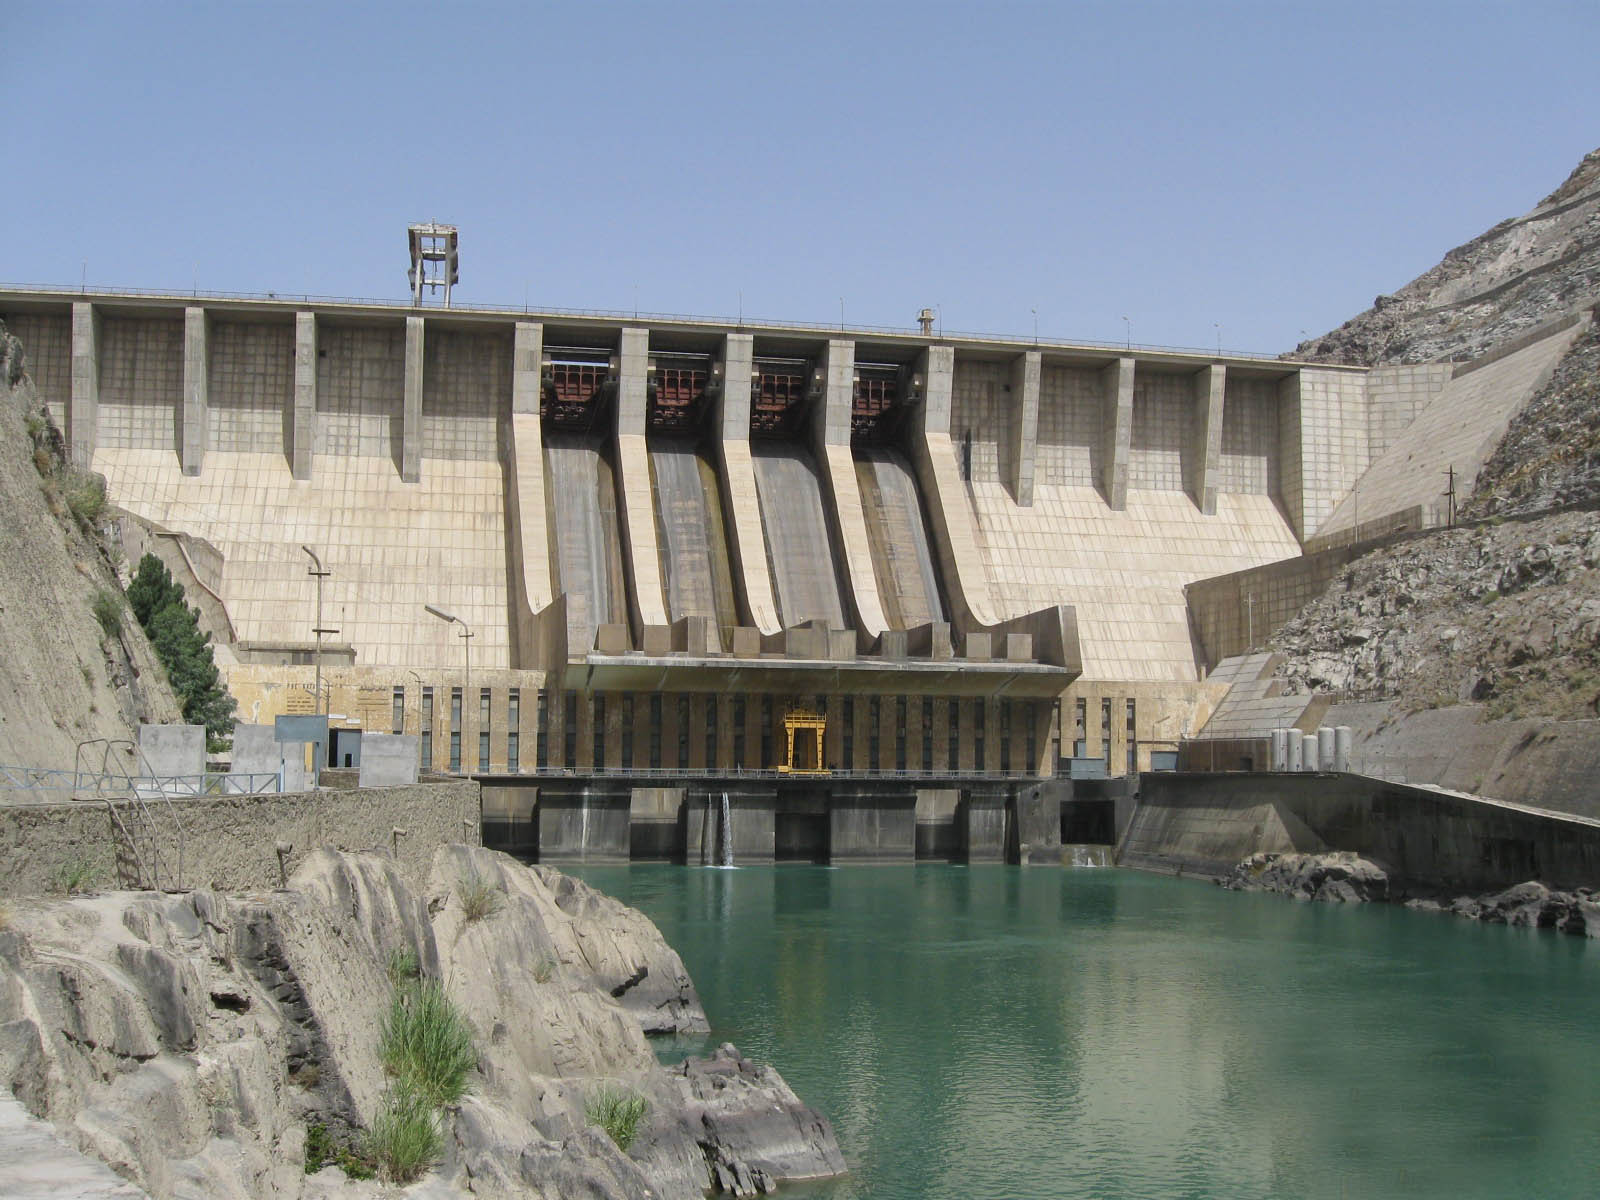 Технопромэкспорт ввел в эксплуатацию четвертый гидроагрегат крупнейшей ГЭС Афганистана